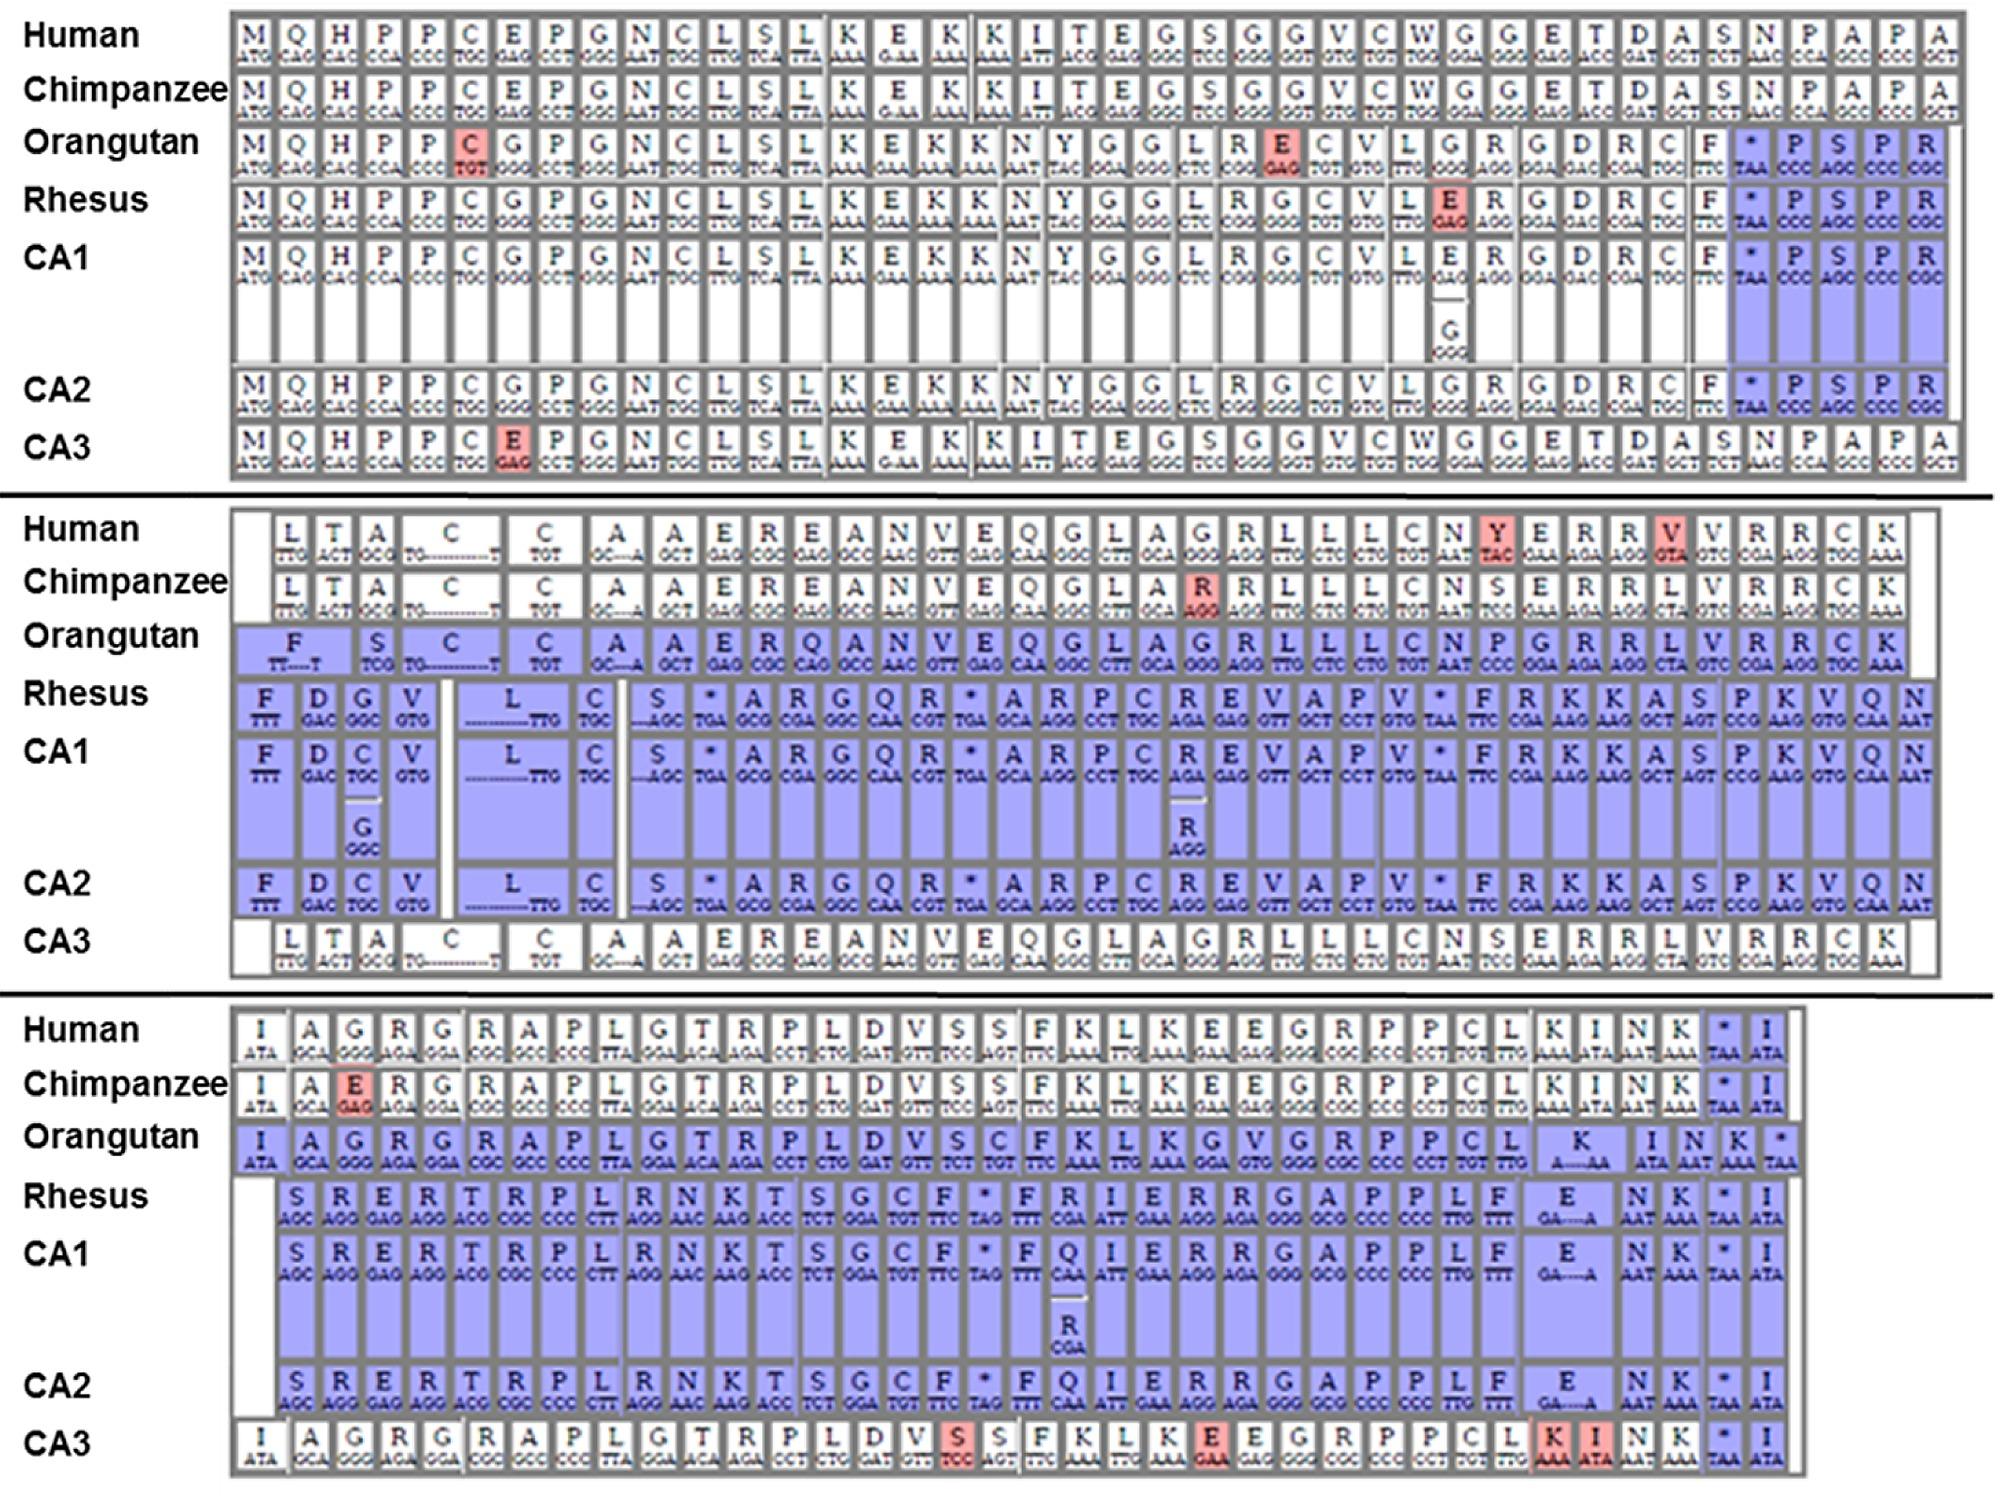 Ncym A Cis Antisense Gene Of Mycn Encodes De Novo Evolved Cde Ham Iii Wiring Diagram Figshare